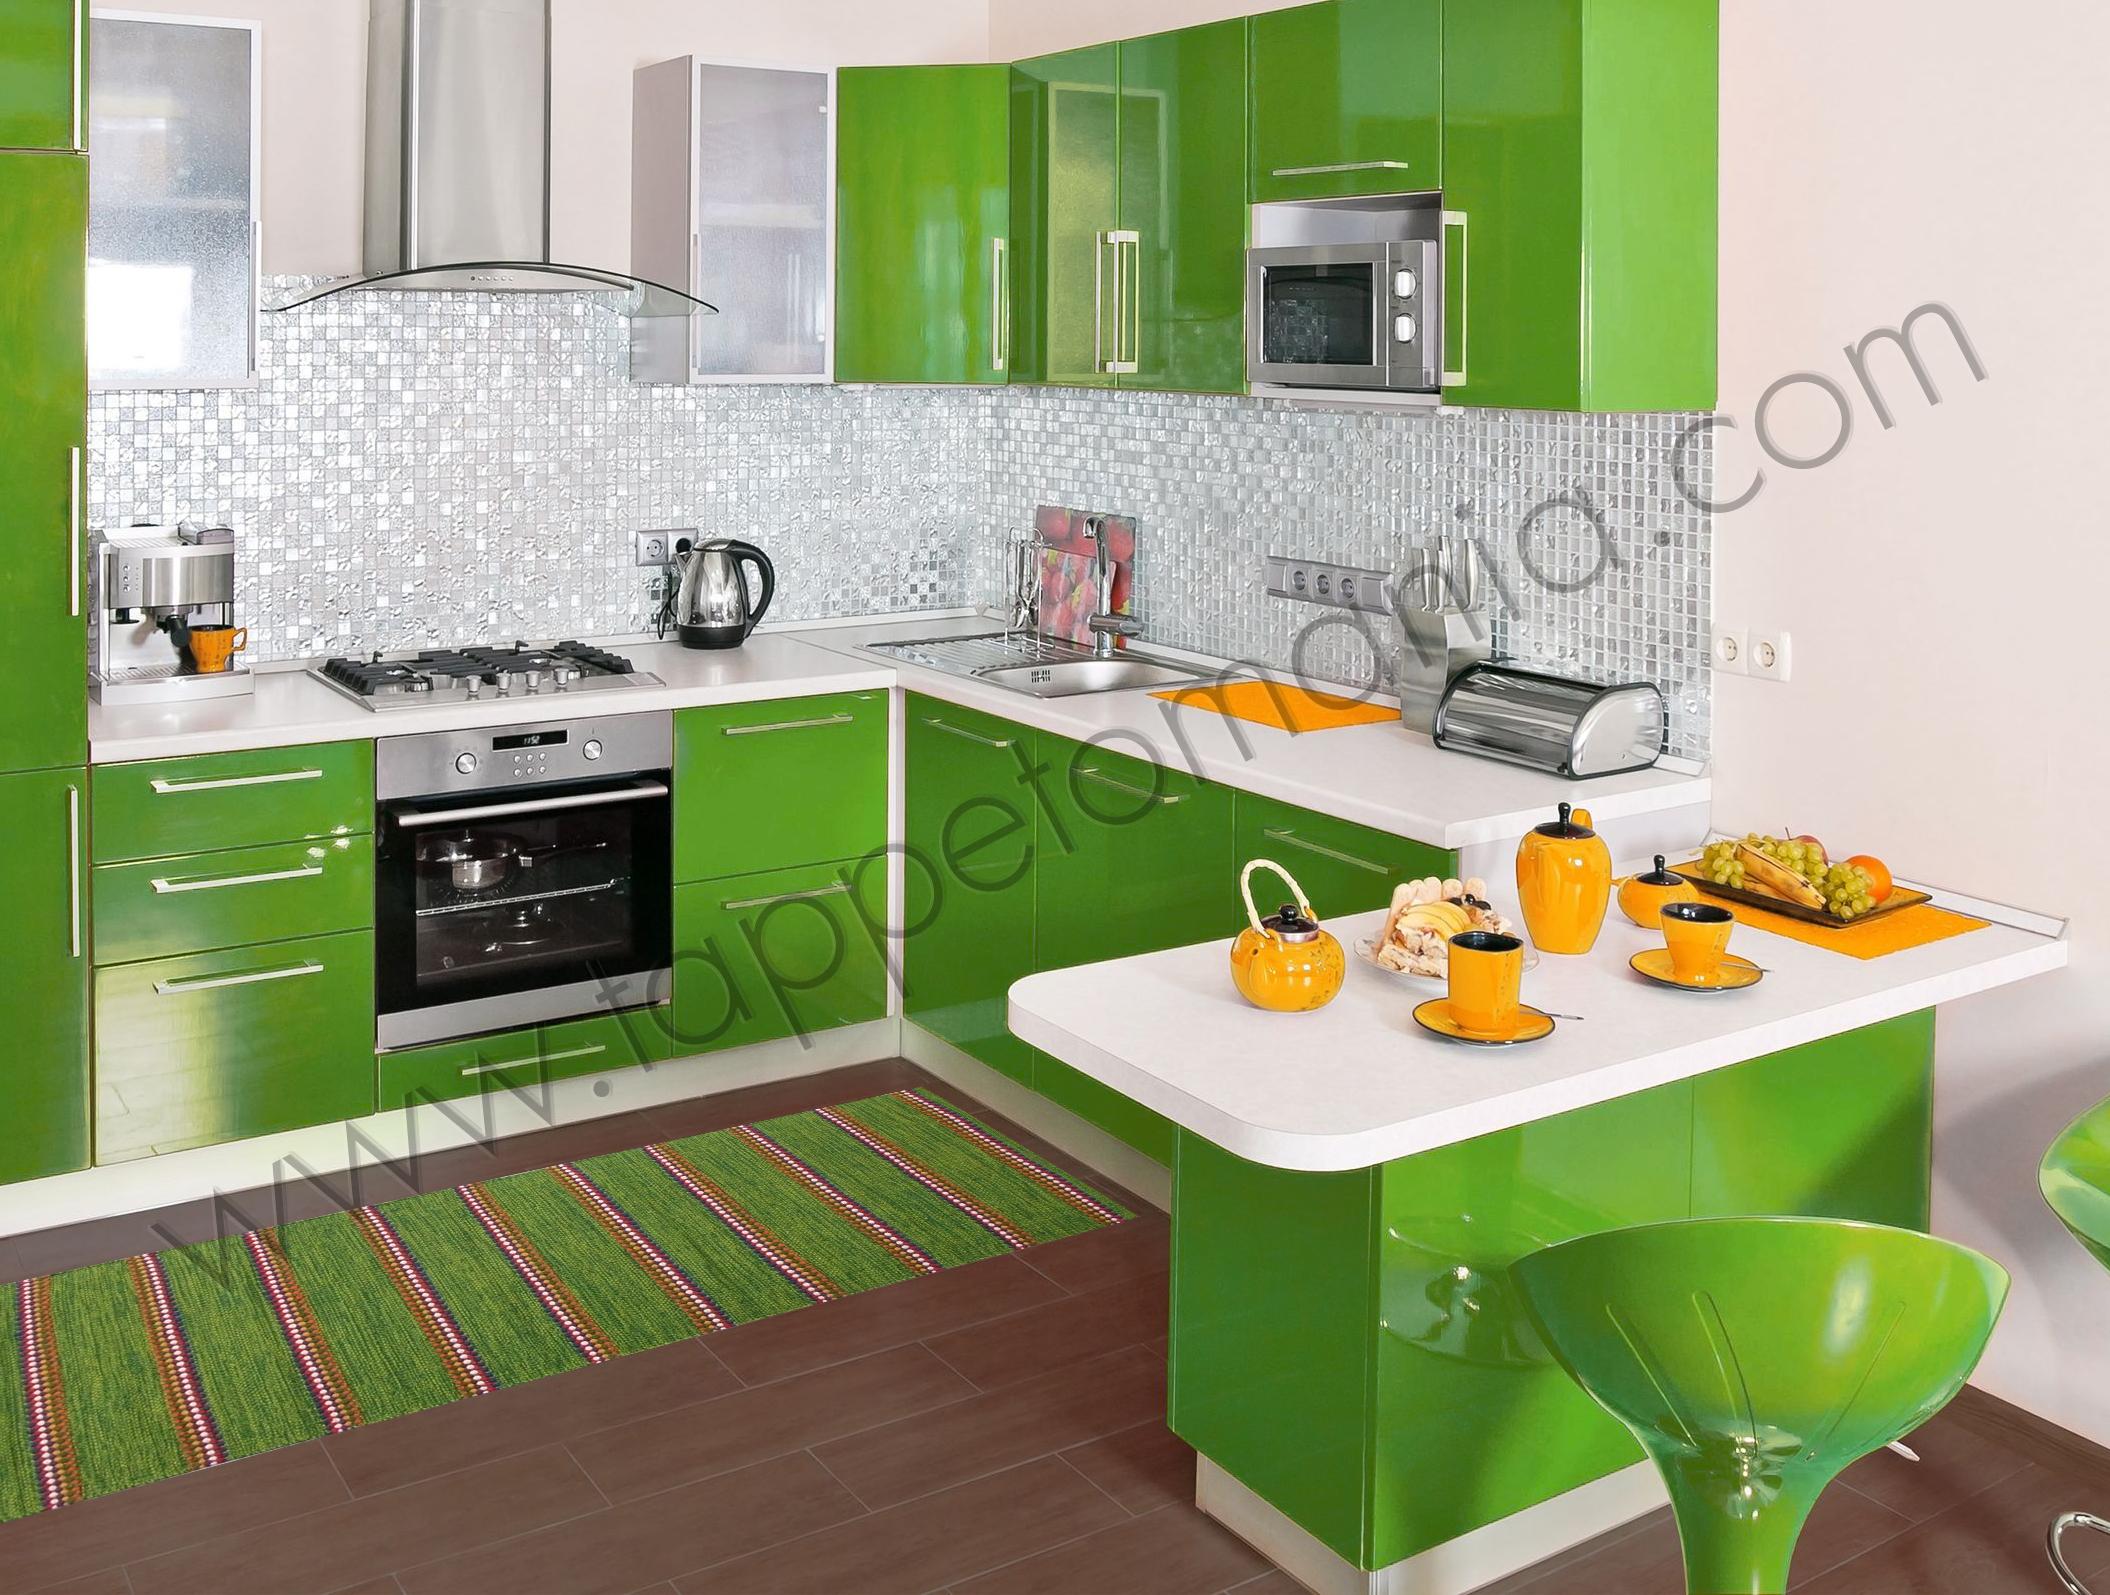 Tappeti Per Bambini Lavabili : Tappeti per la cucina in cotone lavabili in lavatrice a prezzi